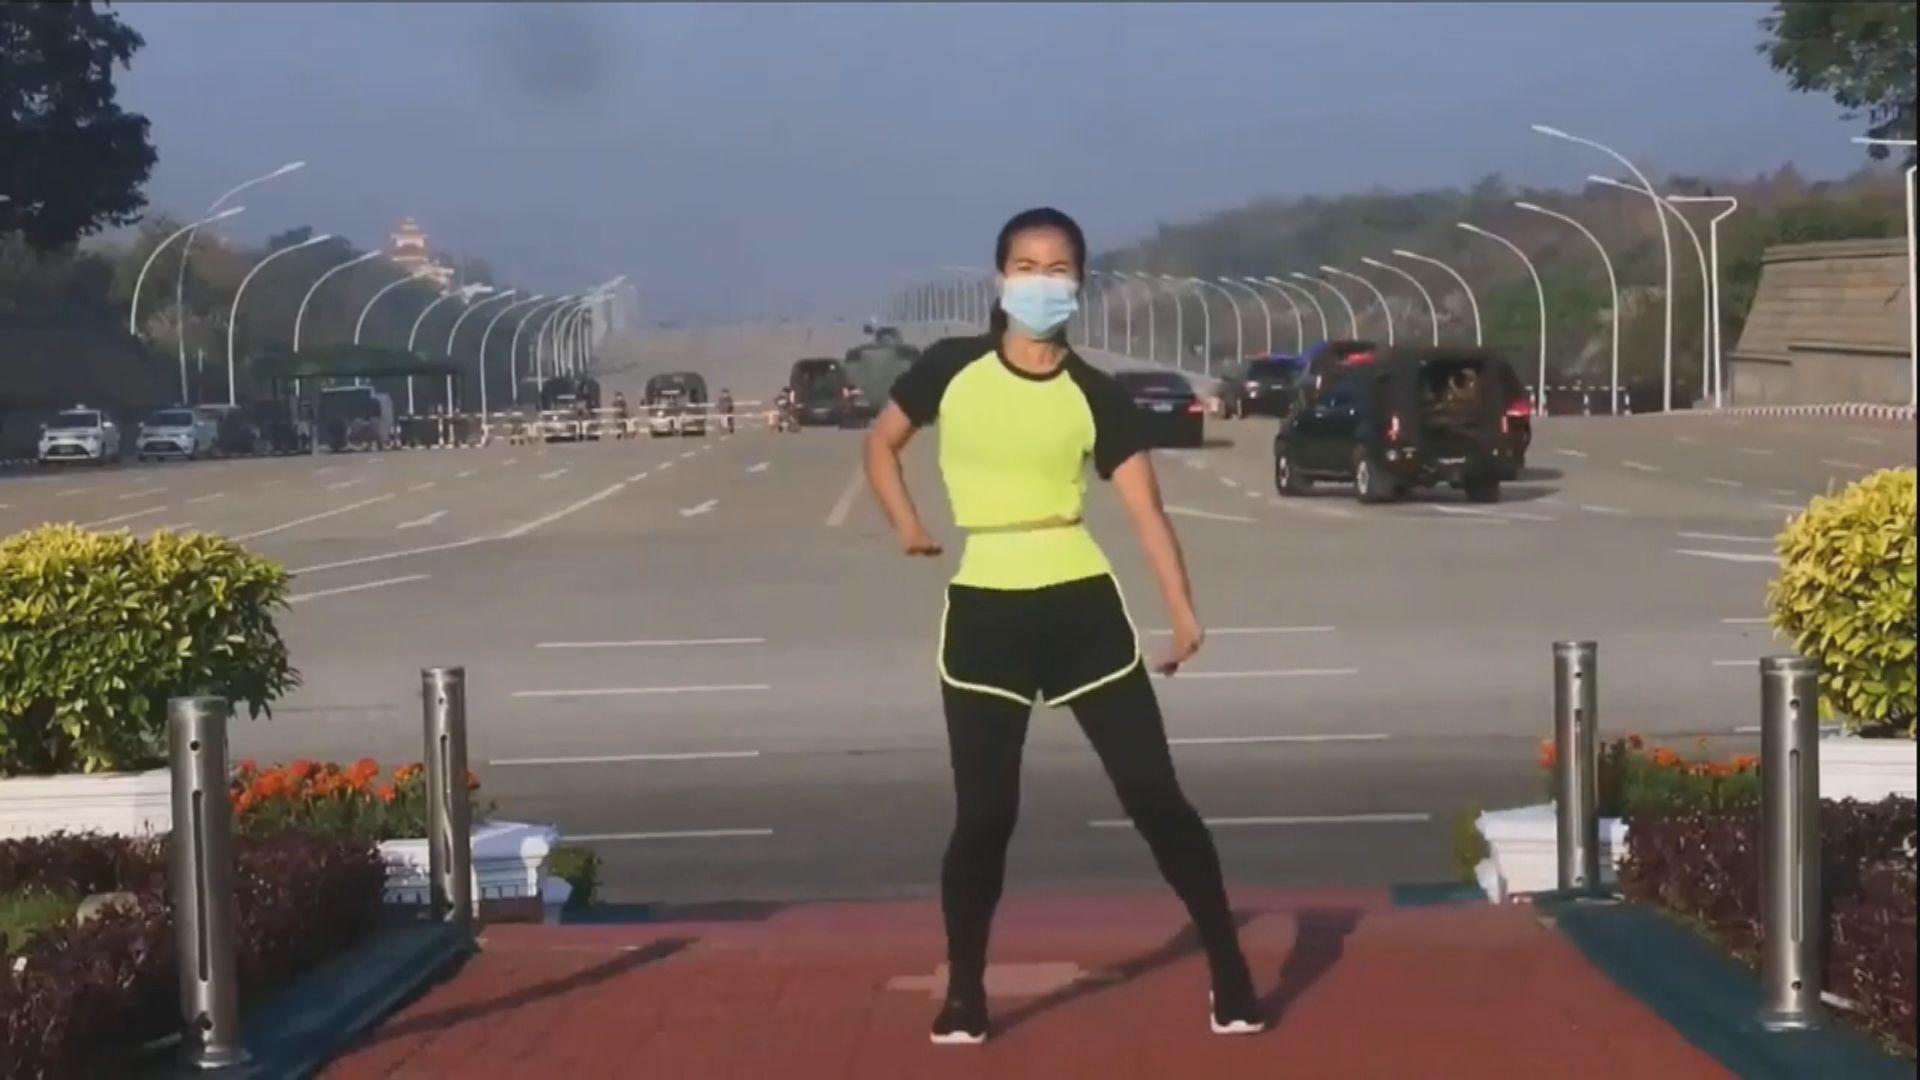 緬甸女子街頭拍攝跳舞片段意外「見證」歷史